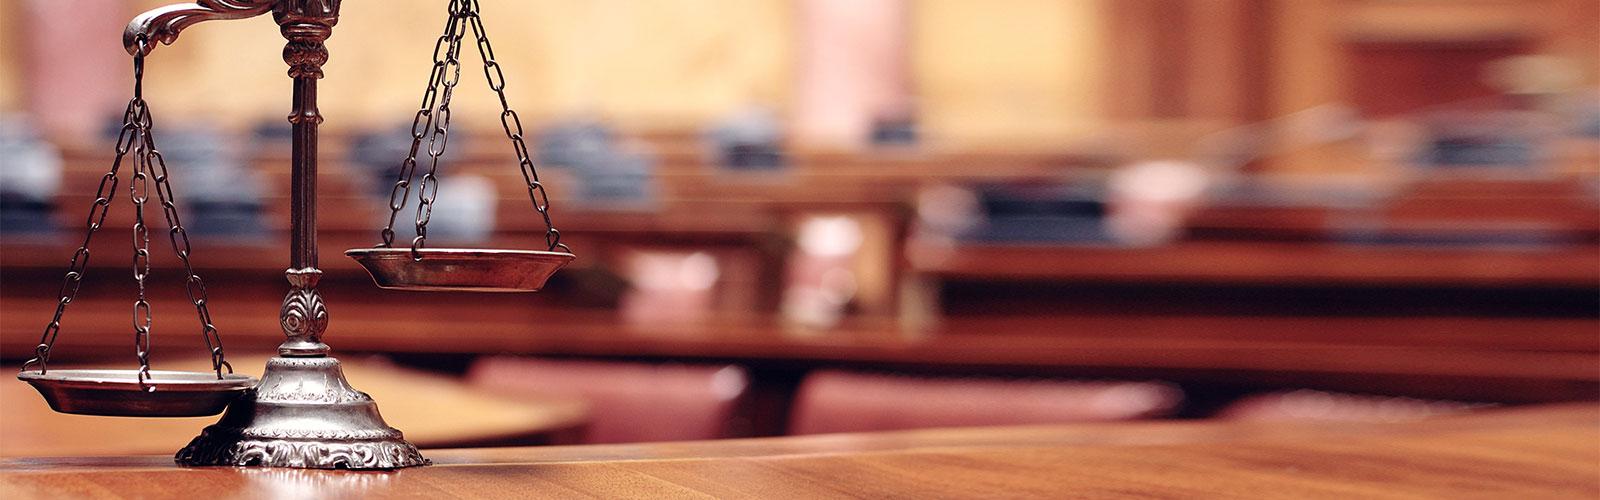 Debt Negotiation Attorney - Erickfox